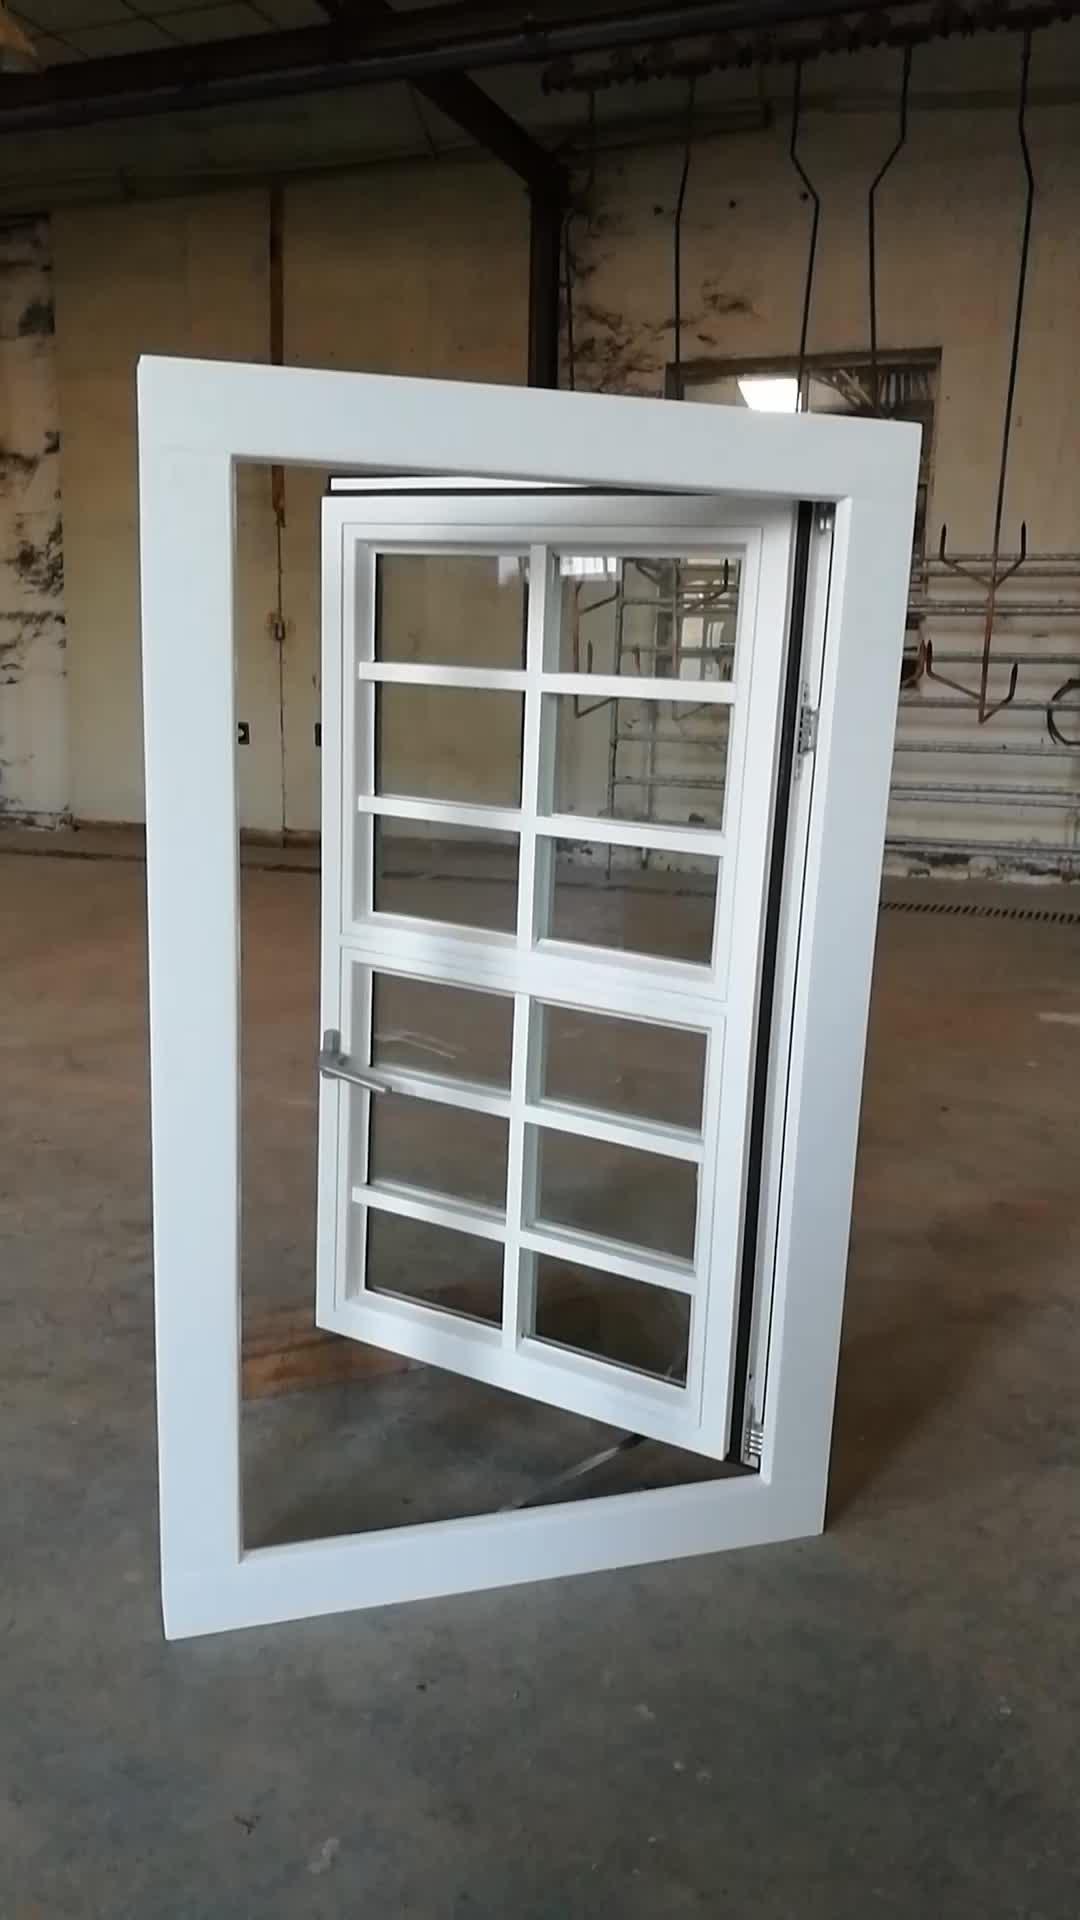 Desain jendela panggangan-besi harga model foto grill